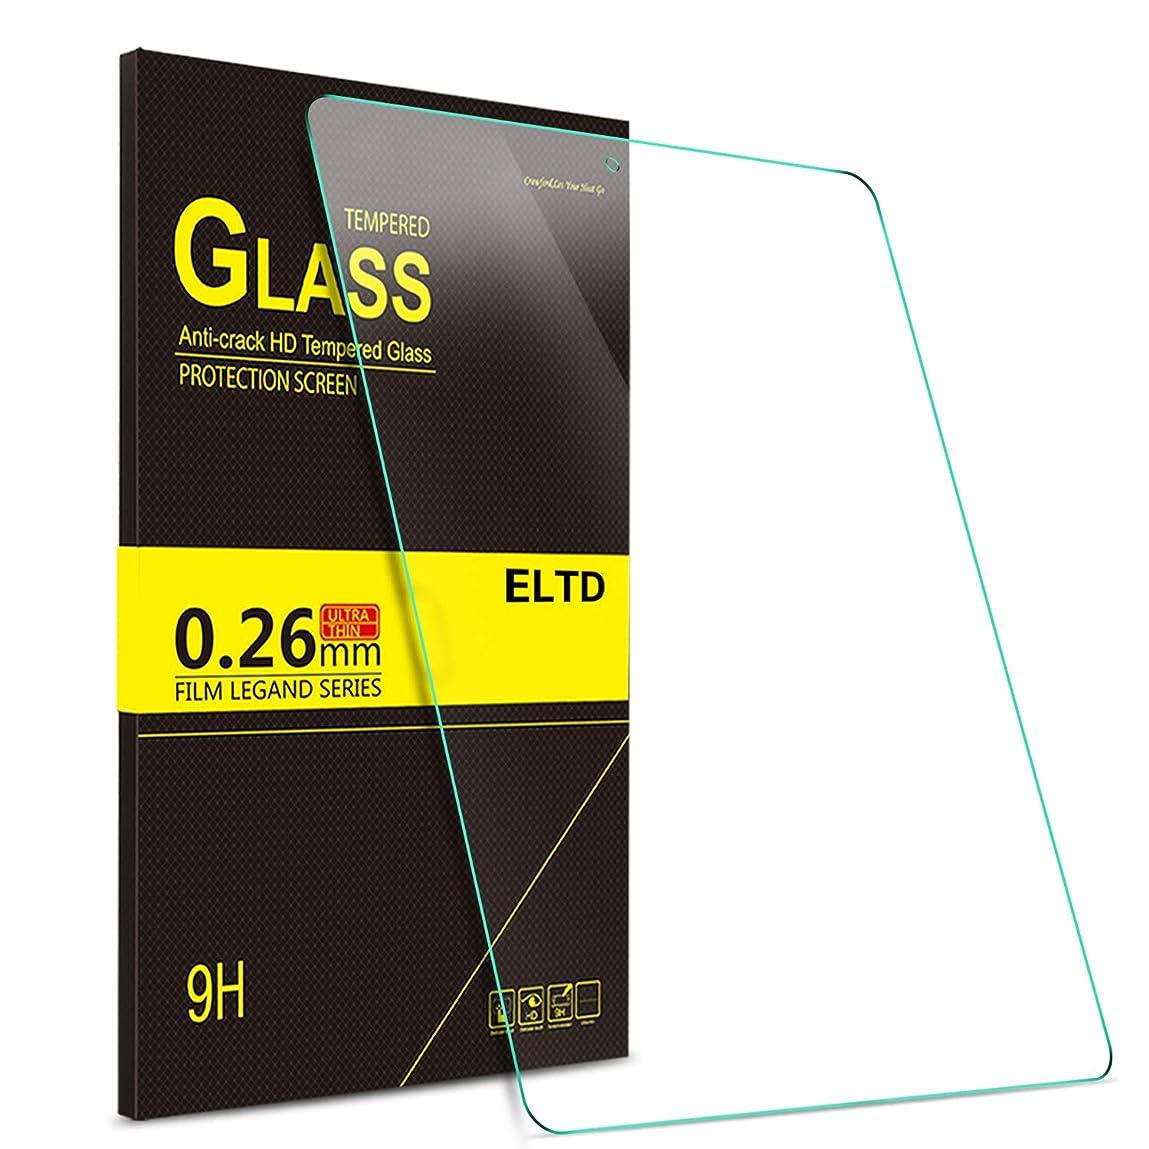 予備質素なミントYocco ipad pro 11 ガラスフィルム  11インチipad pro用保護フィルム 硬度9H/高透過率/防爆裂 日本語説明書 365日交換